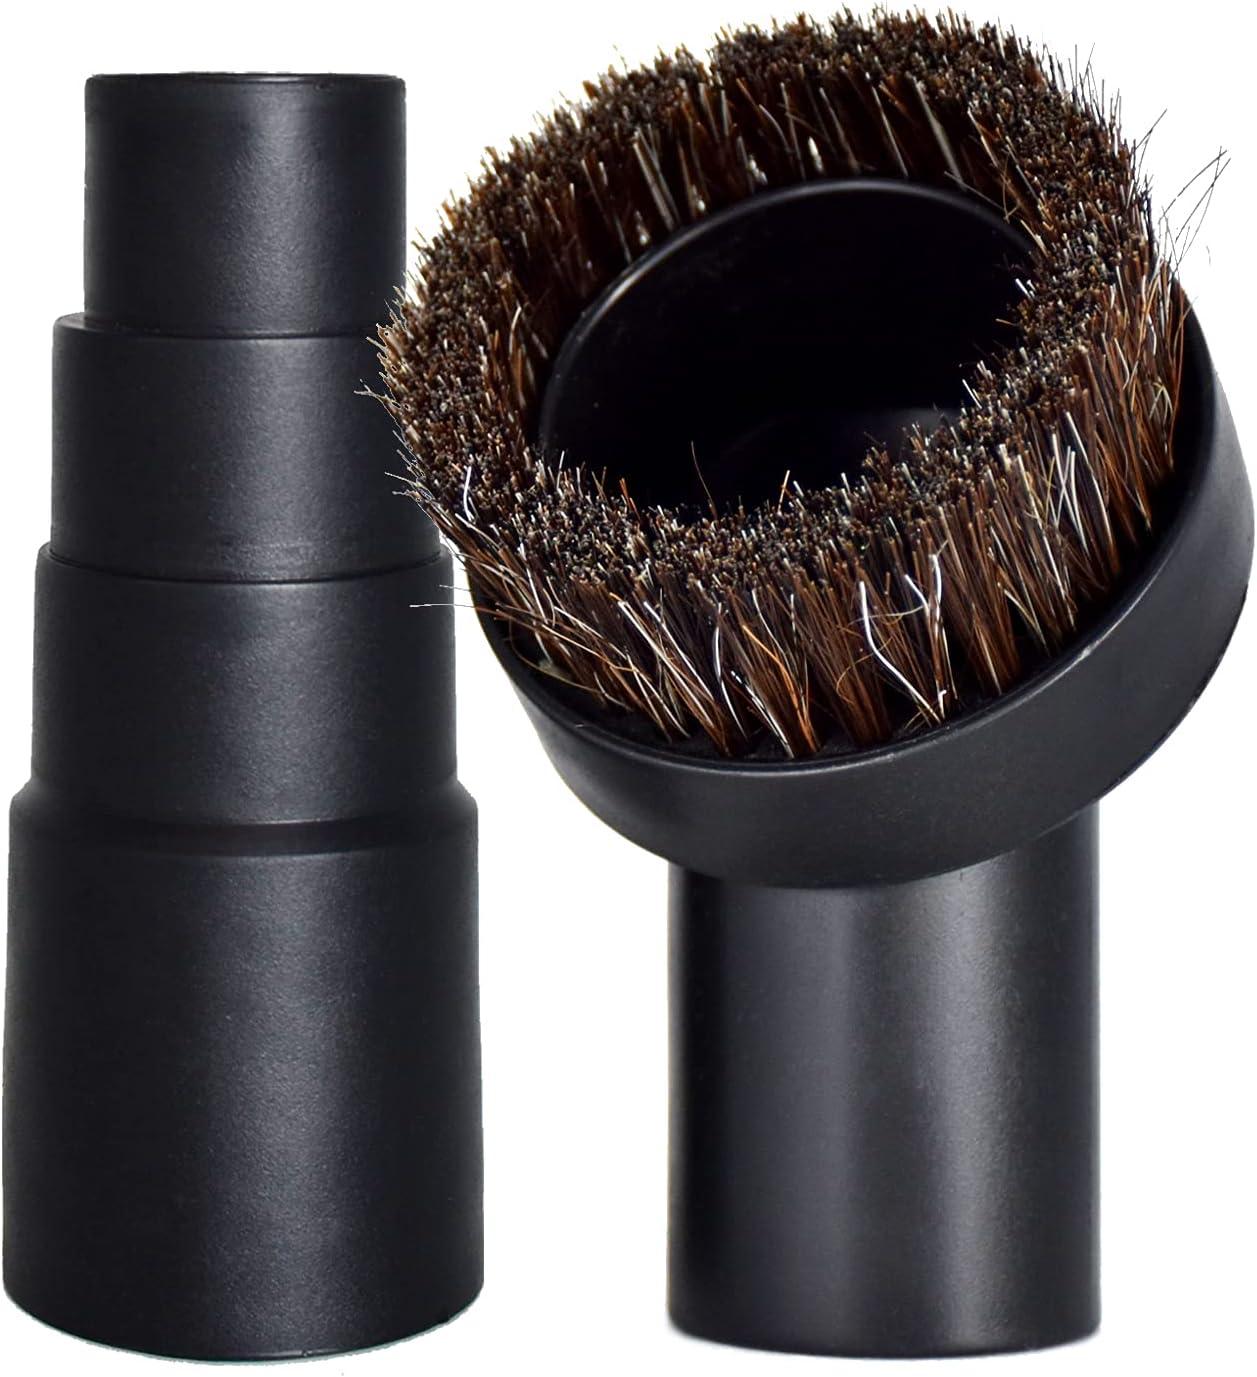 Vacuum Dust Brush for 1.25